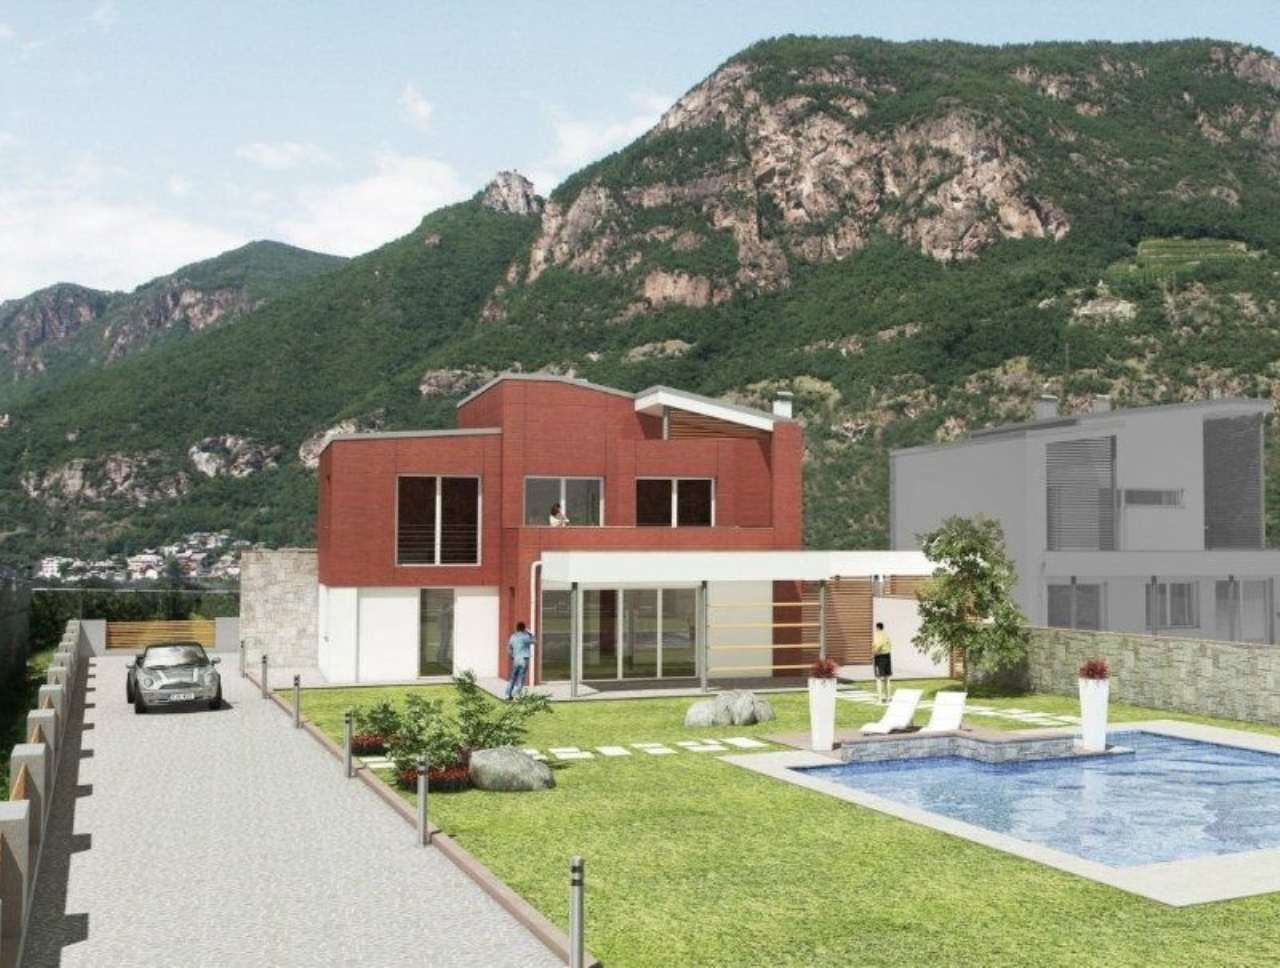 Soluzione Indipendente in vendita a Bolzano, 4 locali, prezzo € 1.200.000 | Cambio Casa.it